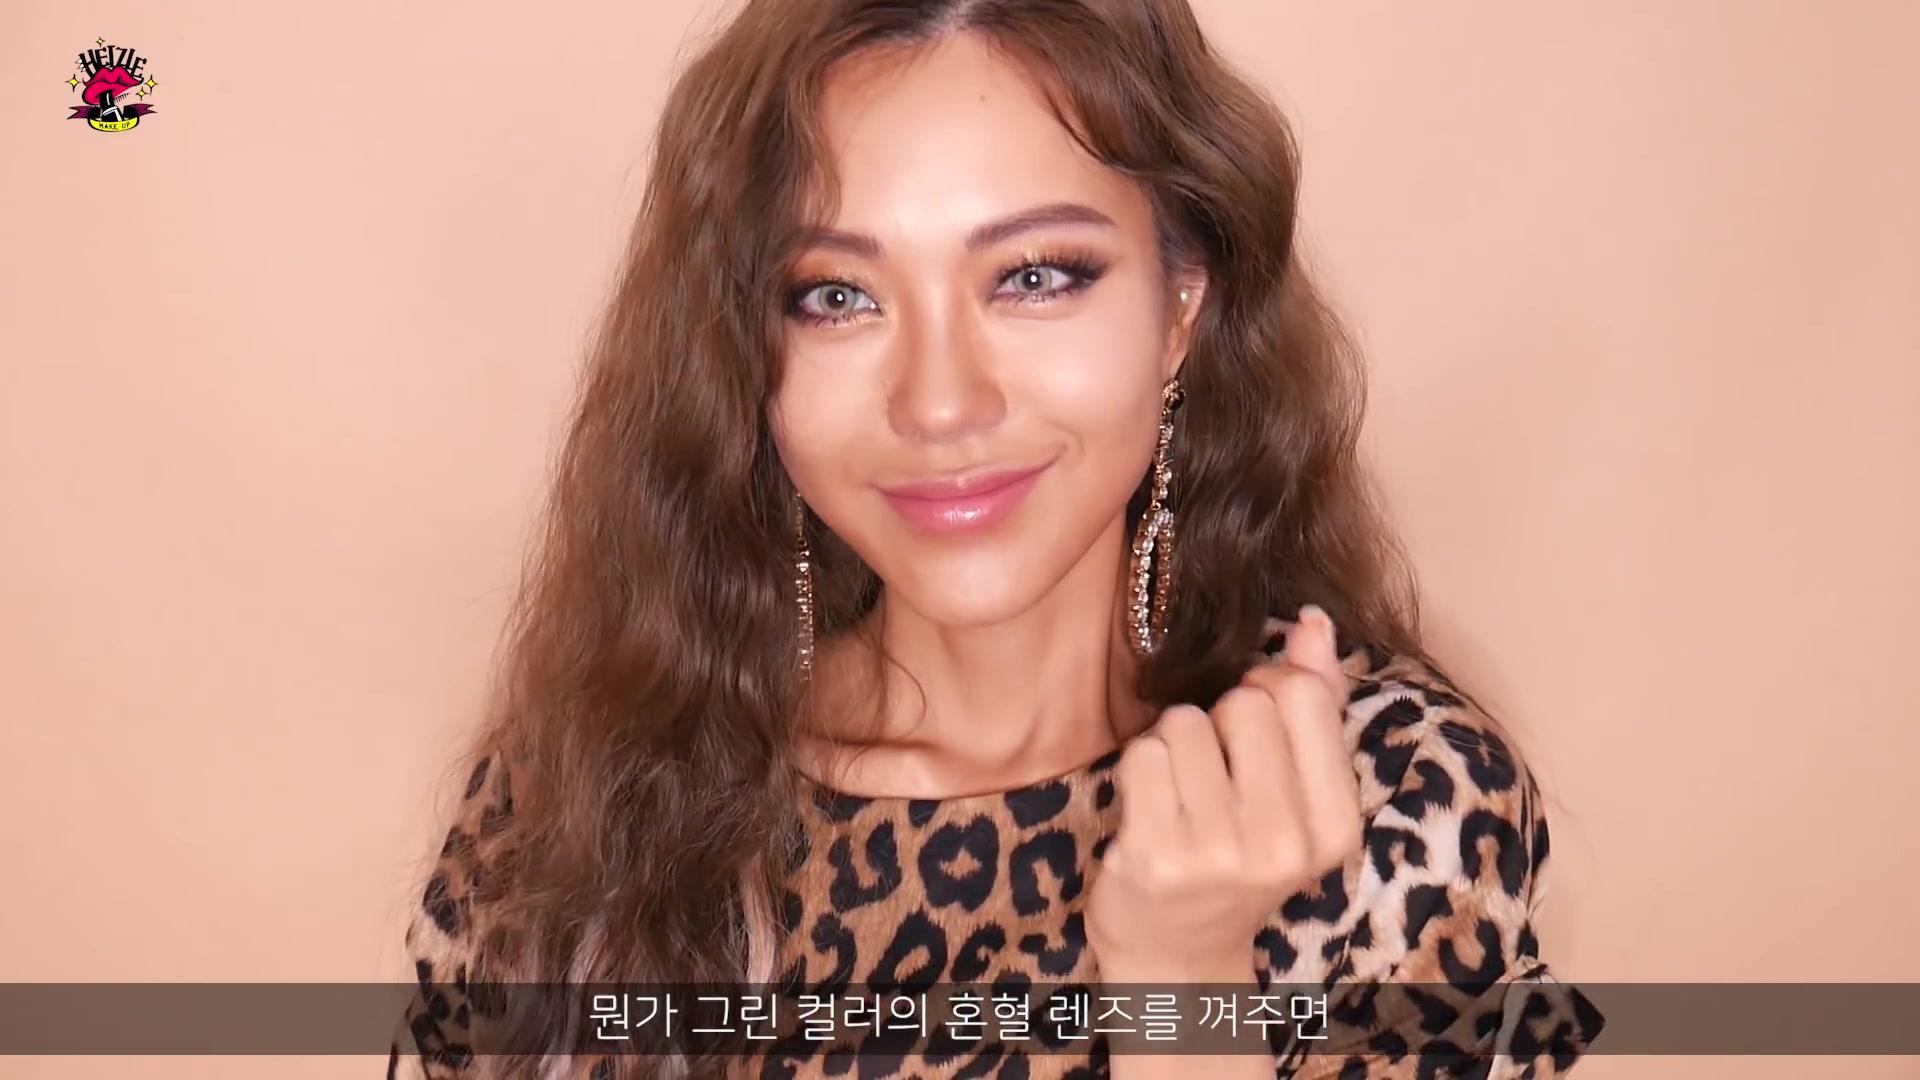 DIA TV Original: Heizle Episode 94: Sexy Bronze Makeup